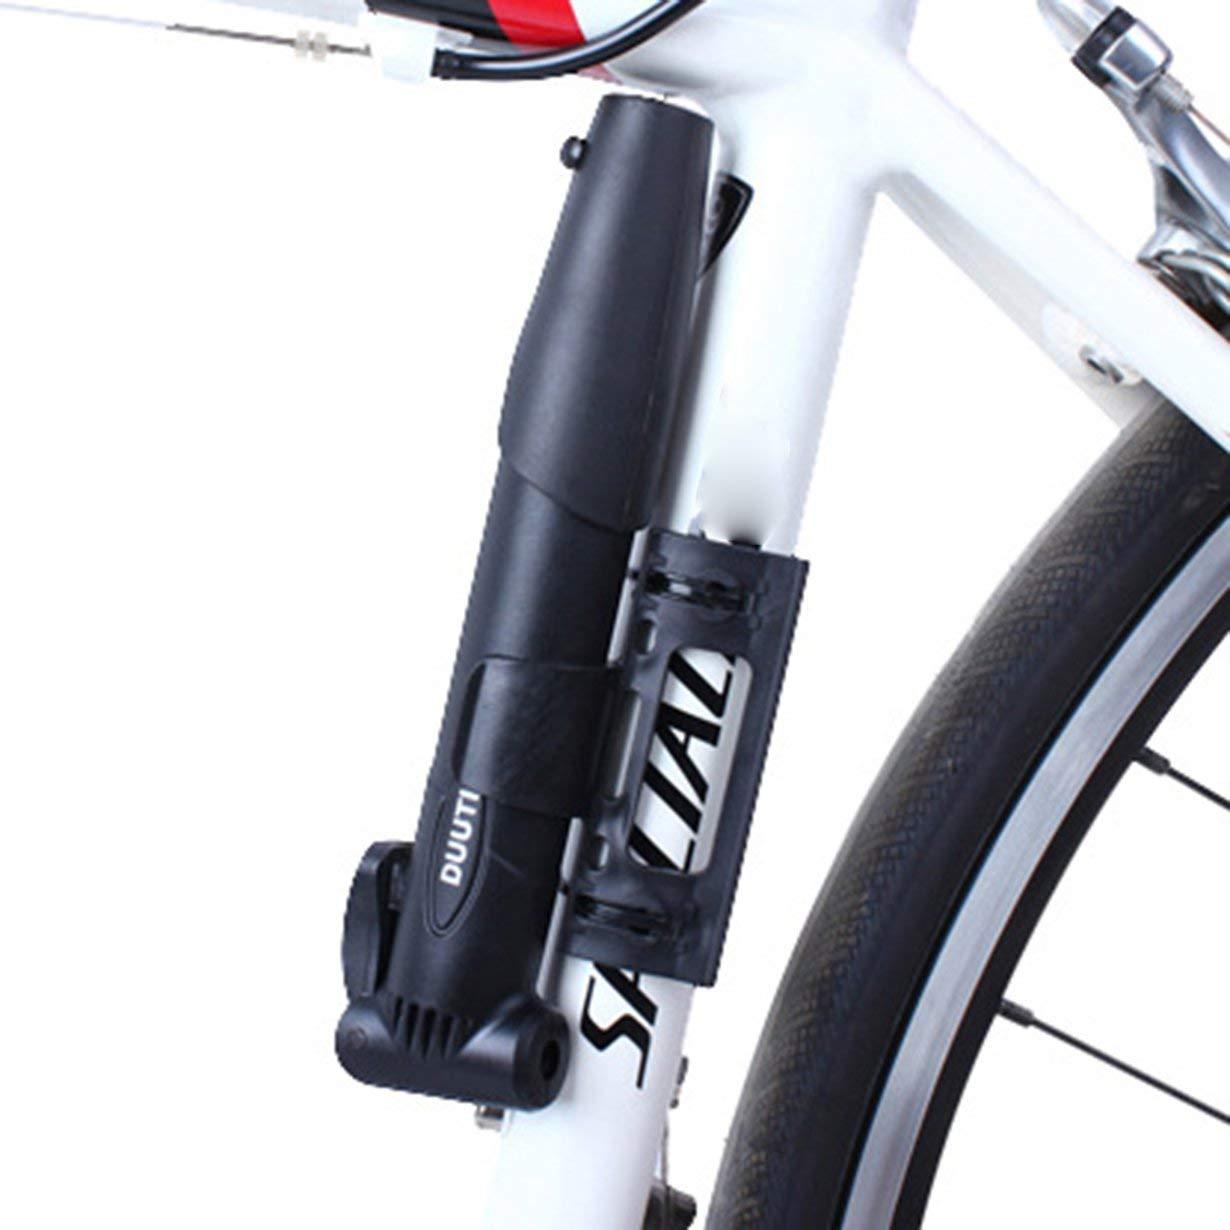 Comomingo Bicicleta Bomba de Mano Bicicleta de monta/ña Bomba de neum/áticos Inflador de Bola de Aluminio Bomba de Bicicleta